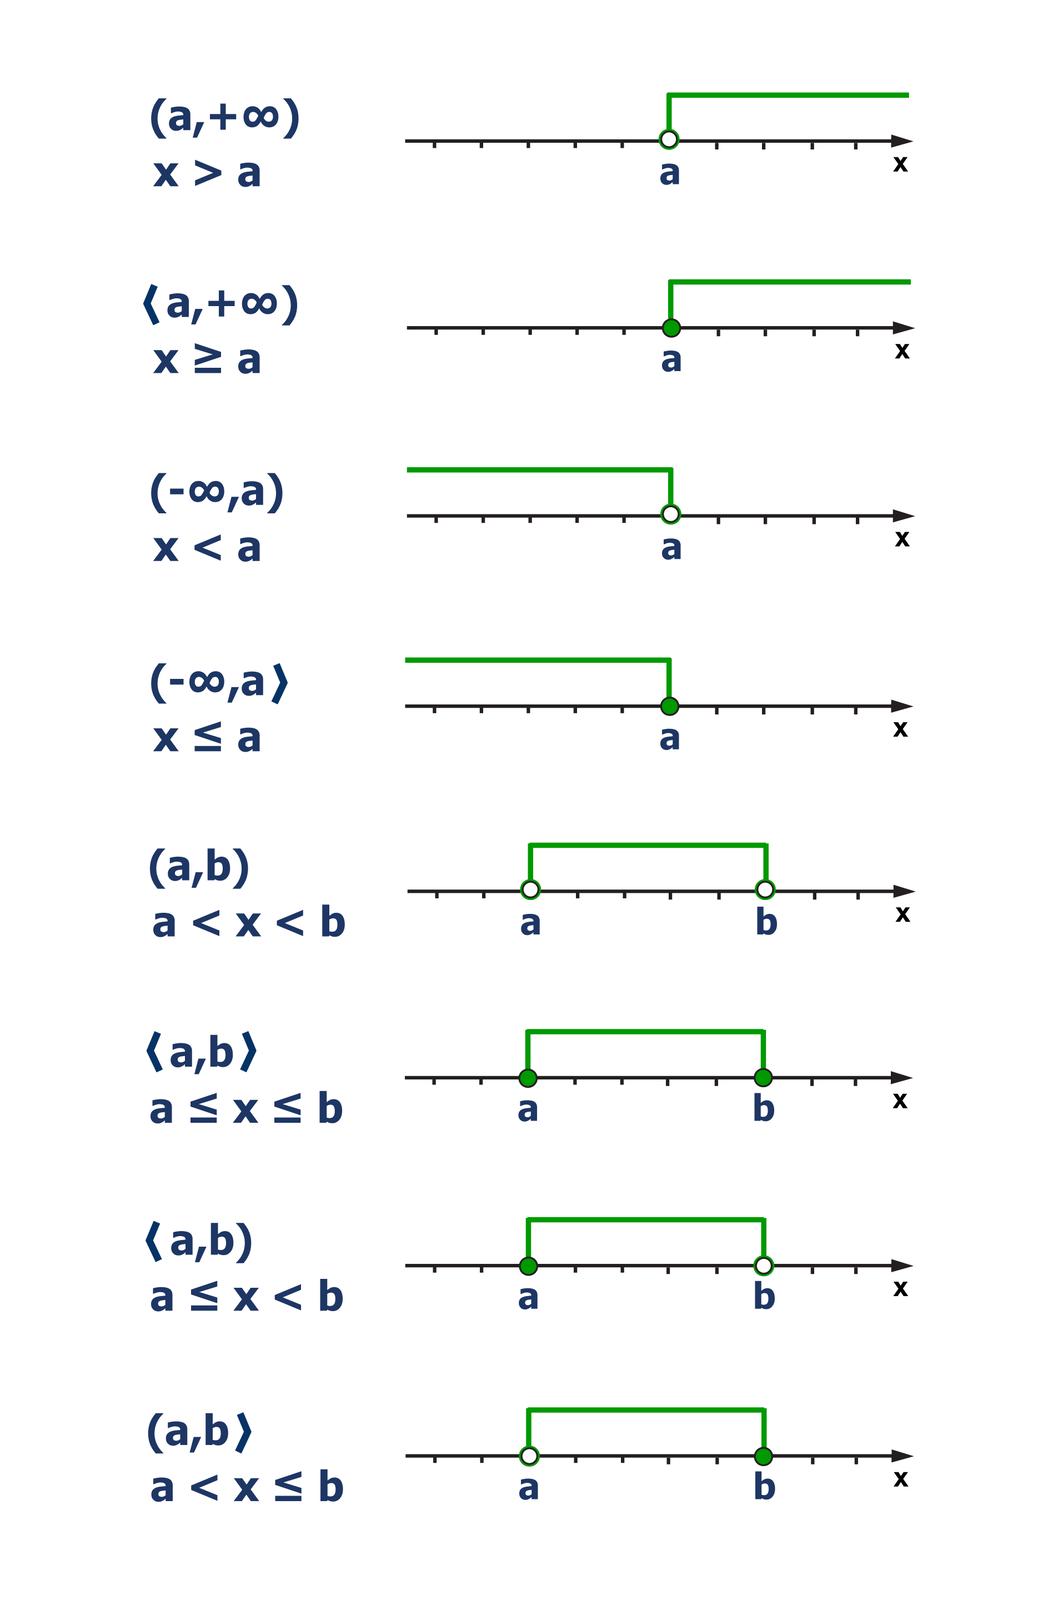 Rysunek ośmiu osi liczbowych. Na pierwszej osi wpunkcie owspółrzędnej aniezamalowane kółko. Zaznaczone liczby większe od a. Zapis: (a, plus nieskończoność), x>a. Na drugiej osi wpunkcie owspółrzędnej azamalowane kółko. Zaznaczone liczby większe lub równe a. Zapis: <a, plus nieskończoność), xwiększe lub równe a. Na trzeciej osi wpunkcie owspółrzędnej aniezamalowane kółko. Zaznaczone liczby mniejsze od a. Zapis: (minus nieskończoność, a), x<a. Na czwartej osi wpunkcie owspółrzędnej azamalowane kółko. Zaznaczone liczby mniejsze lub równe a. Zapis: (minus nieskończoność, a>, xmniejsze lub równe a. Na piątej osi wpunktach owspółrzędnych a, bniezamalowane kółka. Zaznaczone liczby większe od aimniejsze od b. Zapis: (a, b), a<x <b. Na szóstej osi wpunktach owspółrzędnych a, bzamalowane kółka. Zaznaczone liczby większe lub równe aimniejsze lub równe b. Zapis: <a, b>, amniejsze lub równe xmniejsze lub równe b. Na siódmej osi wpunkcie owspółrzędnej azamalowane kółko, wpunkcie bniezamalowane kółko. Zaznaczone liczby większe lub równe aimniejsze od b. Zapis: <a, b), amniejsze lub równe x<b. Na ósmej osi wpunkcie owspółrzędnej aniezamalowane kółko, wpunkcie bzamalowane kółko. Zaznaczone liczby większe od aimniejsze lub równe b. Zapis: <a, b), a< xmniejsze lub równe b.